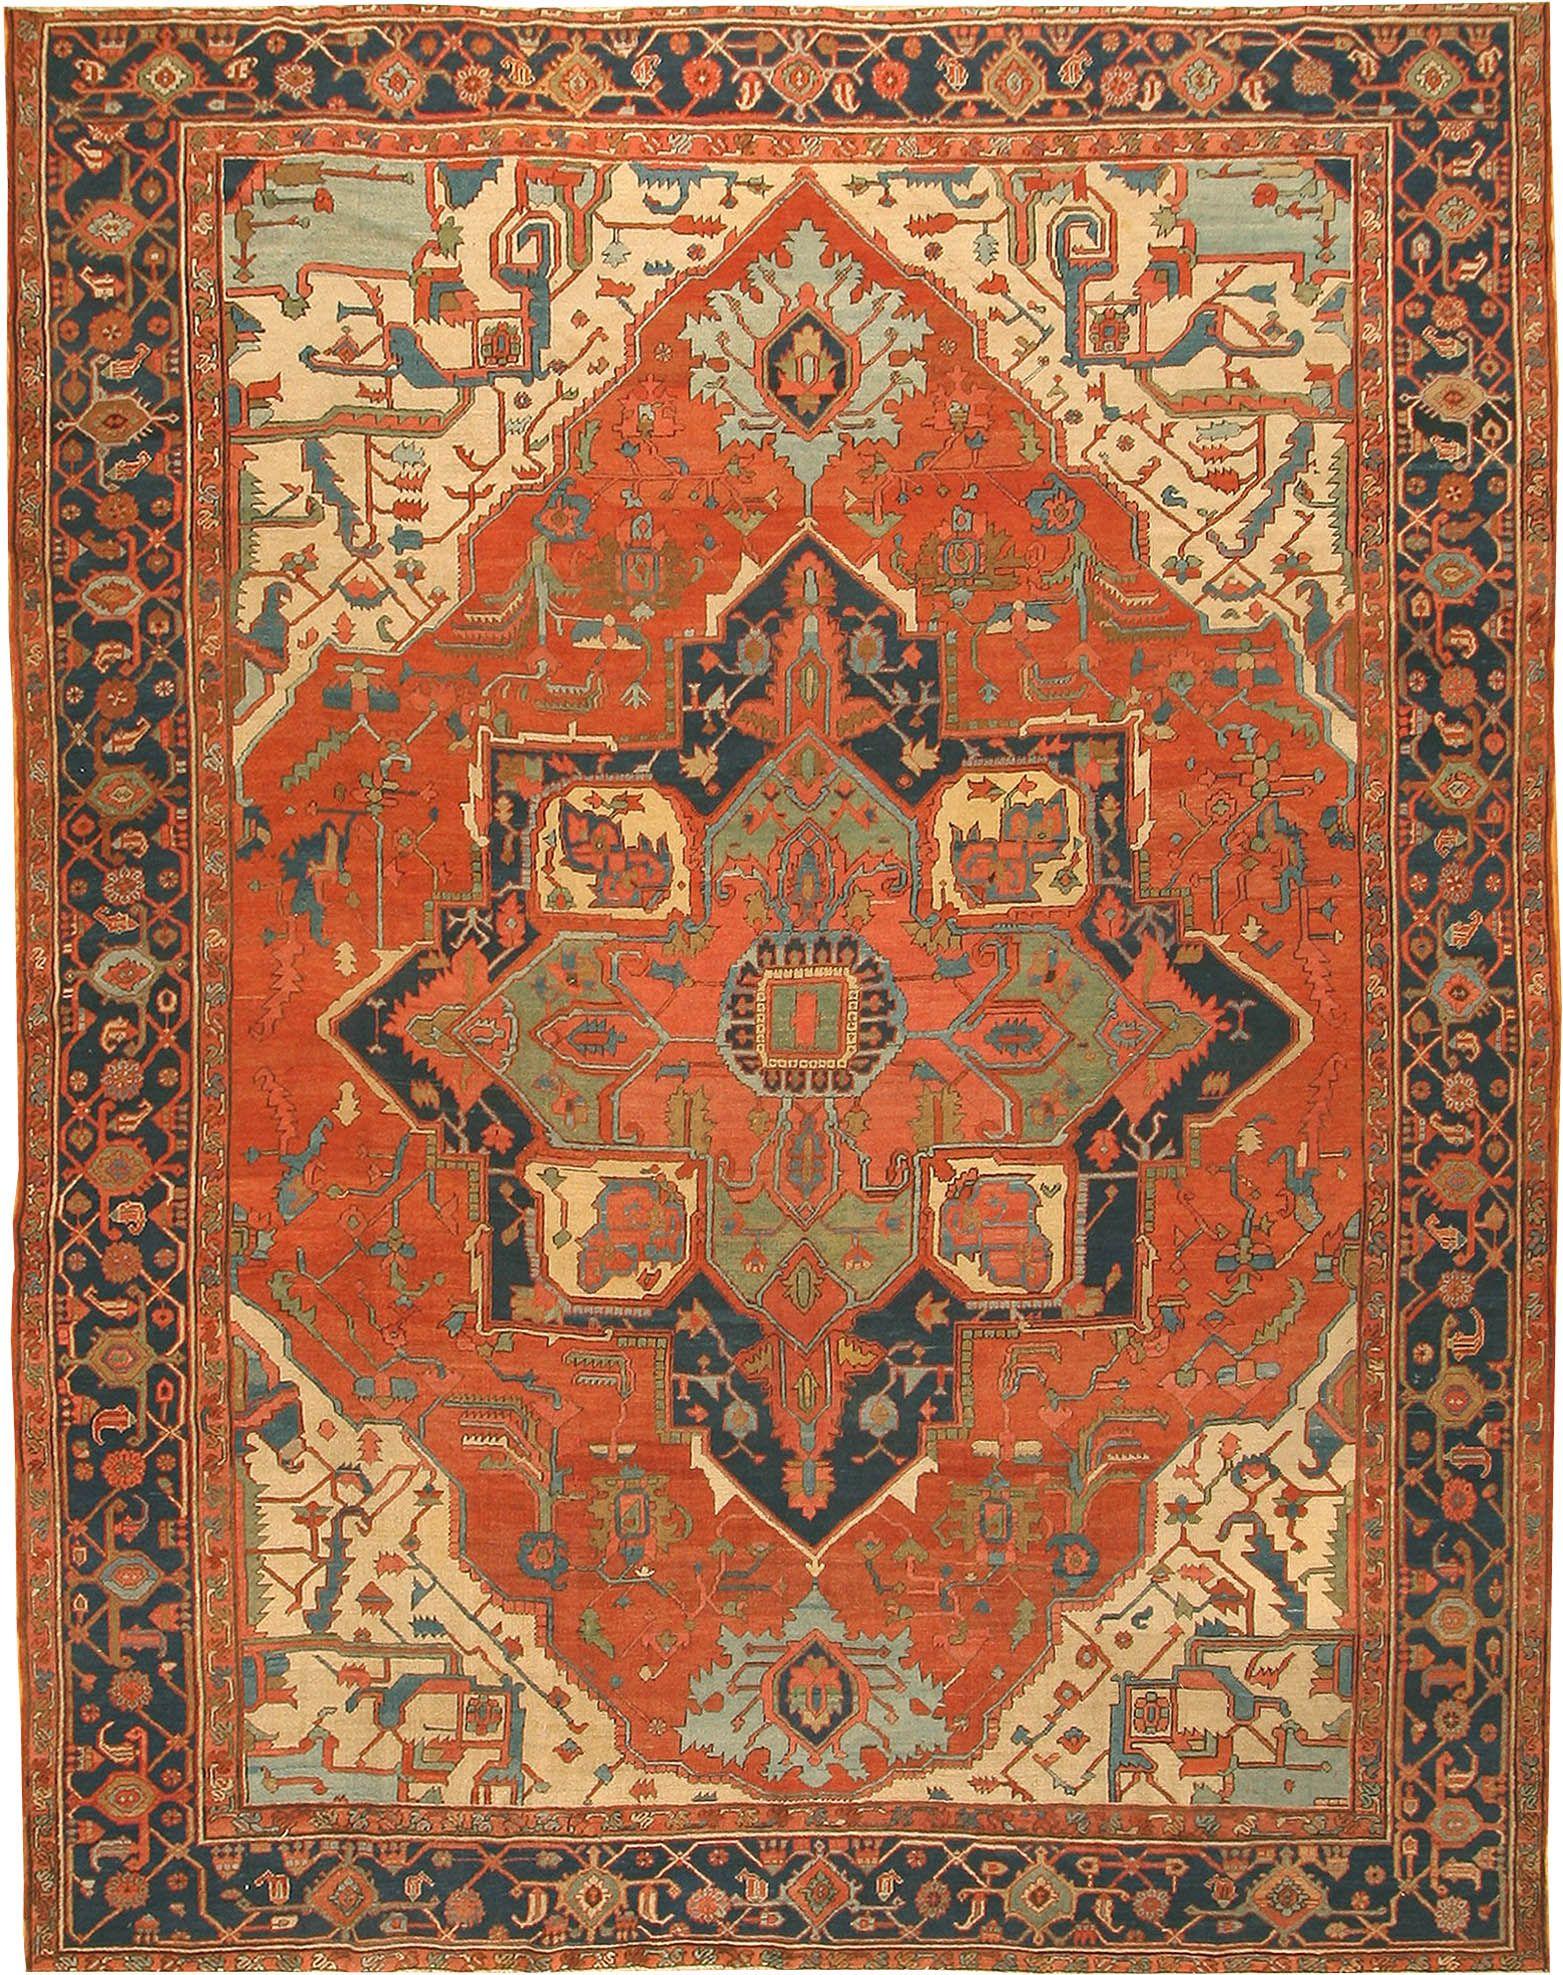 antique rugs antique-serapi-rug-42733-hr.jpg 1,563×1,975 pixels RTNLJSK